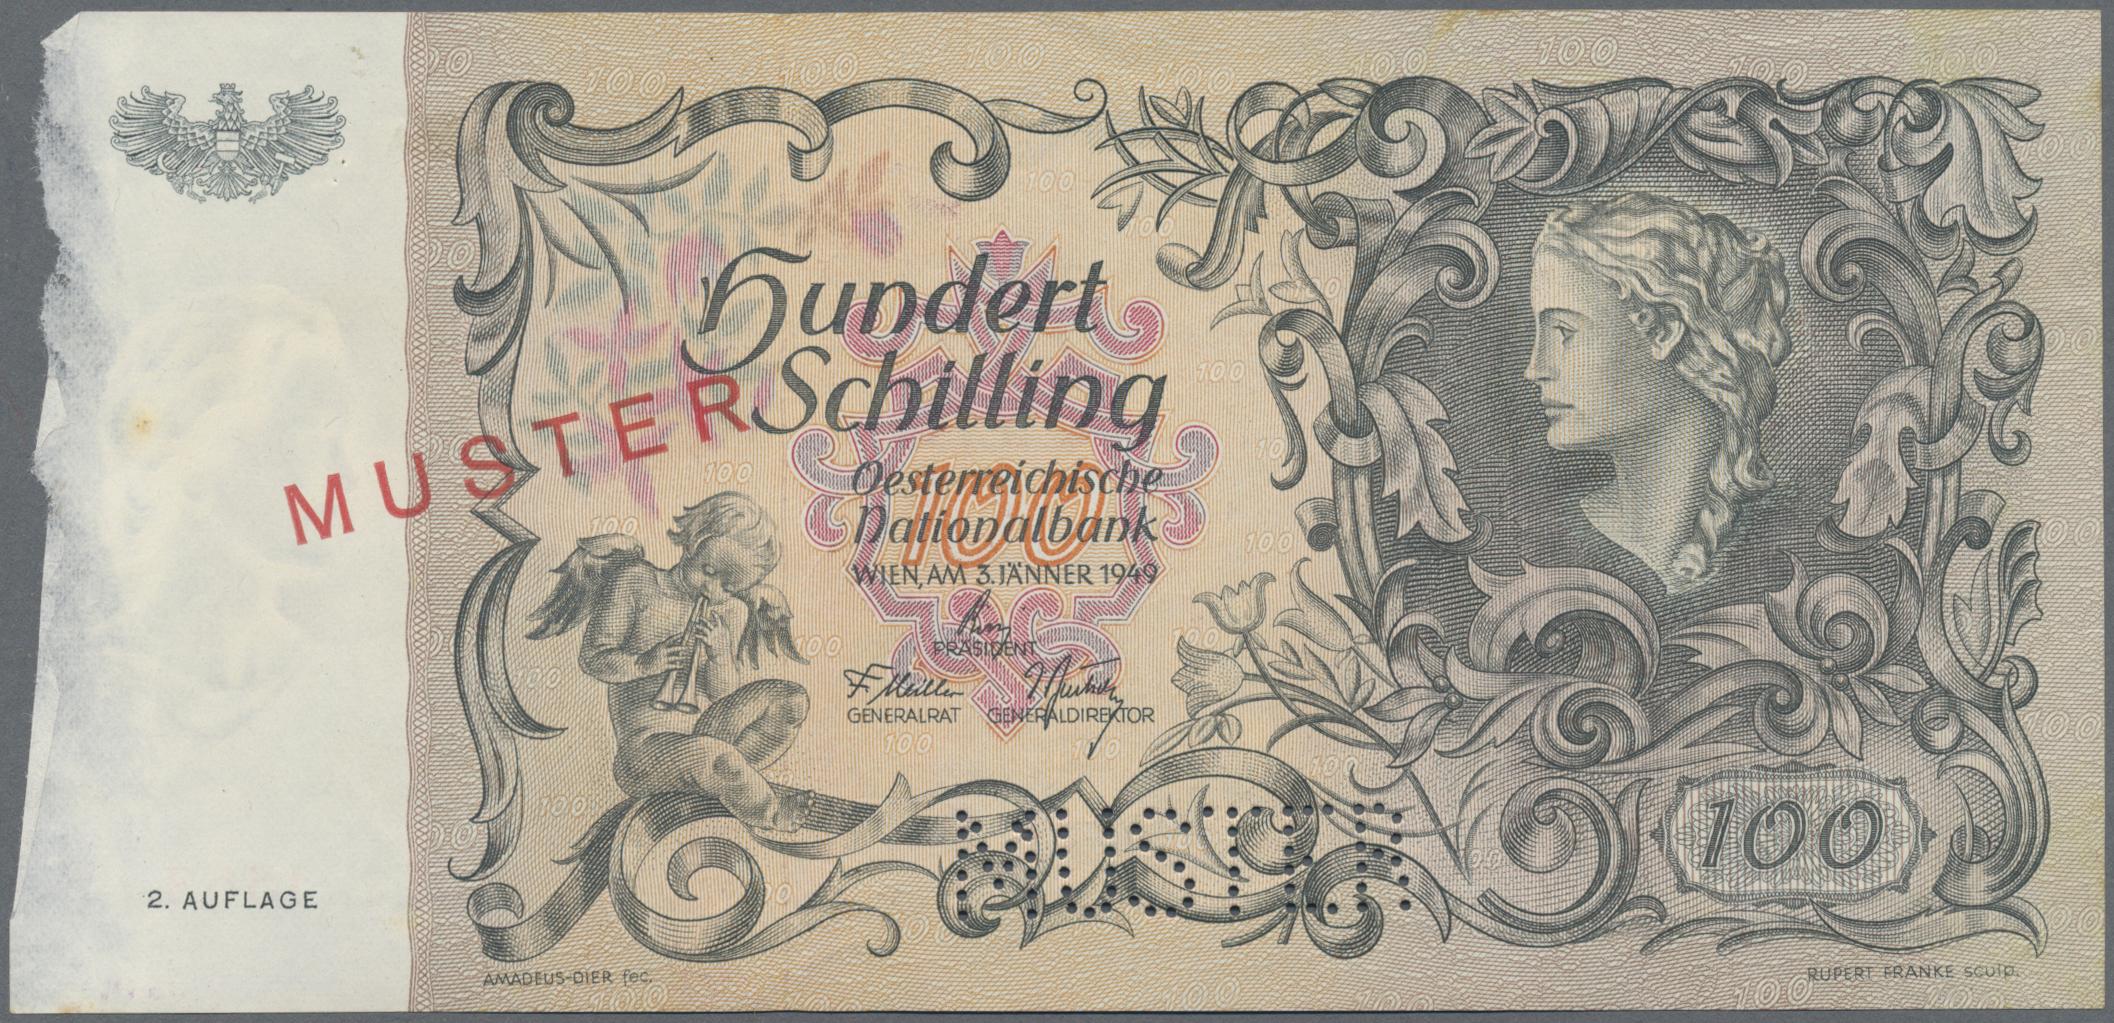 Lot 00037 - Austria / Österreich | Banknoten  -  Auktionshaus Christoph Gärtner GmbH & Co. KG Sale #48 The Banknotes